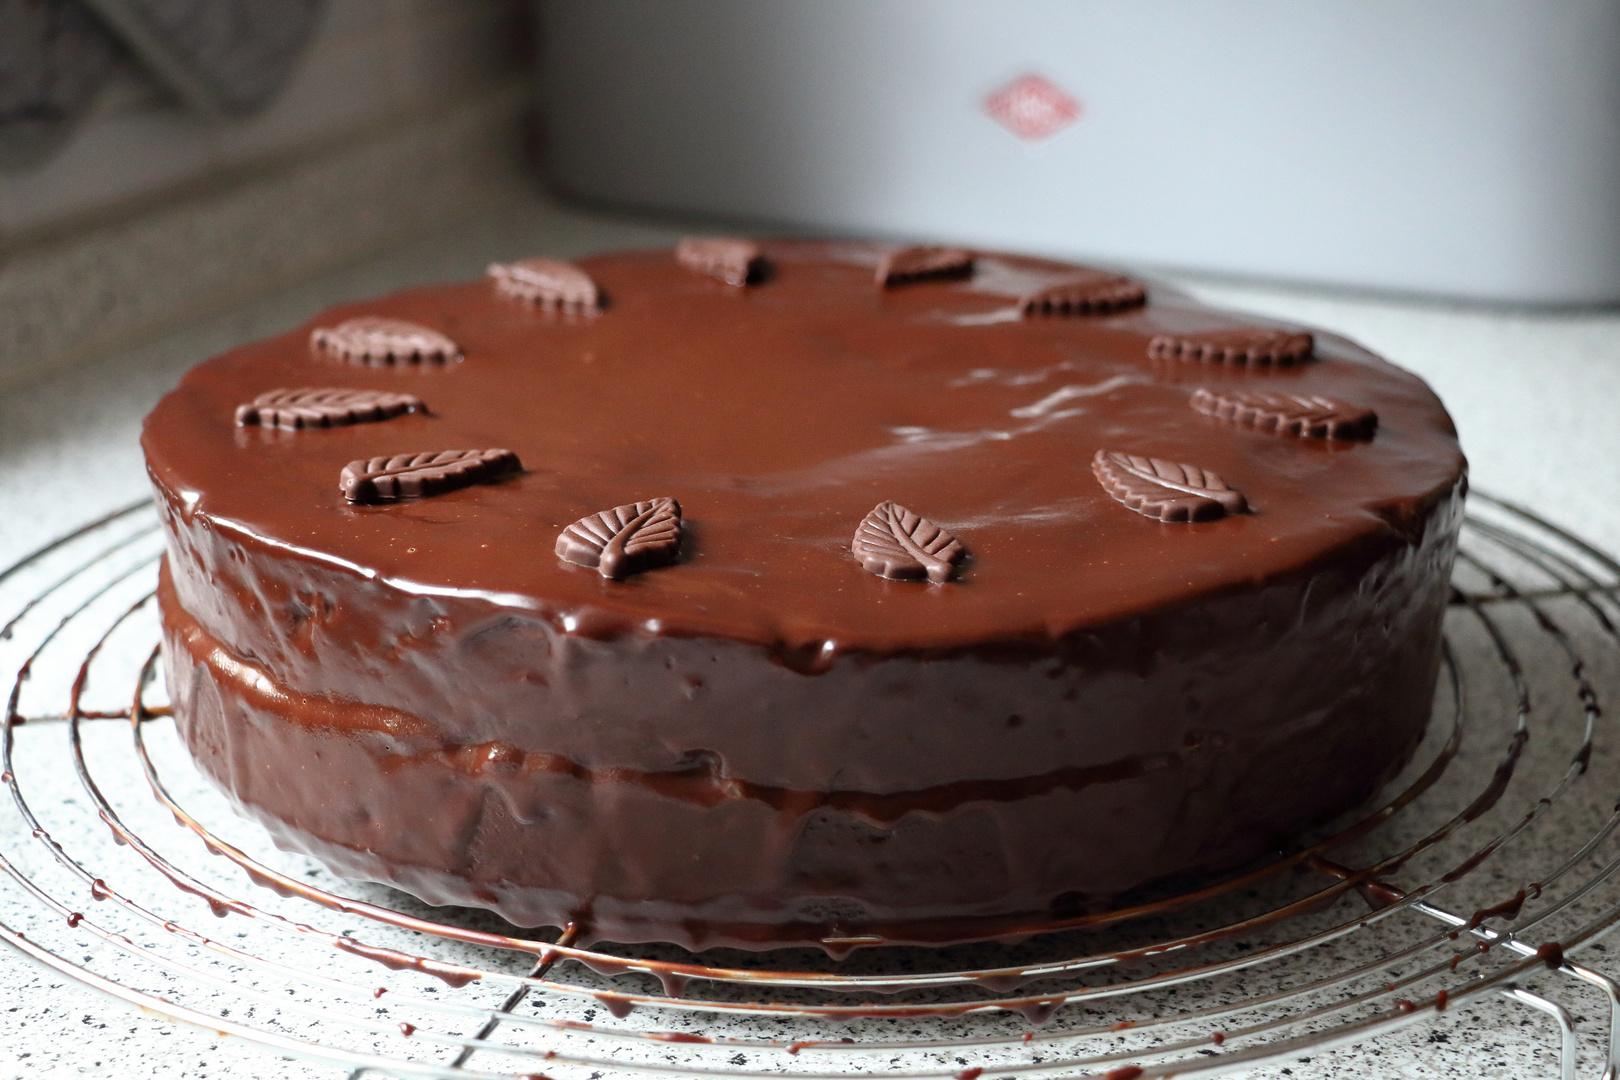 Meine erste Sacher-Torte